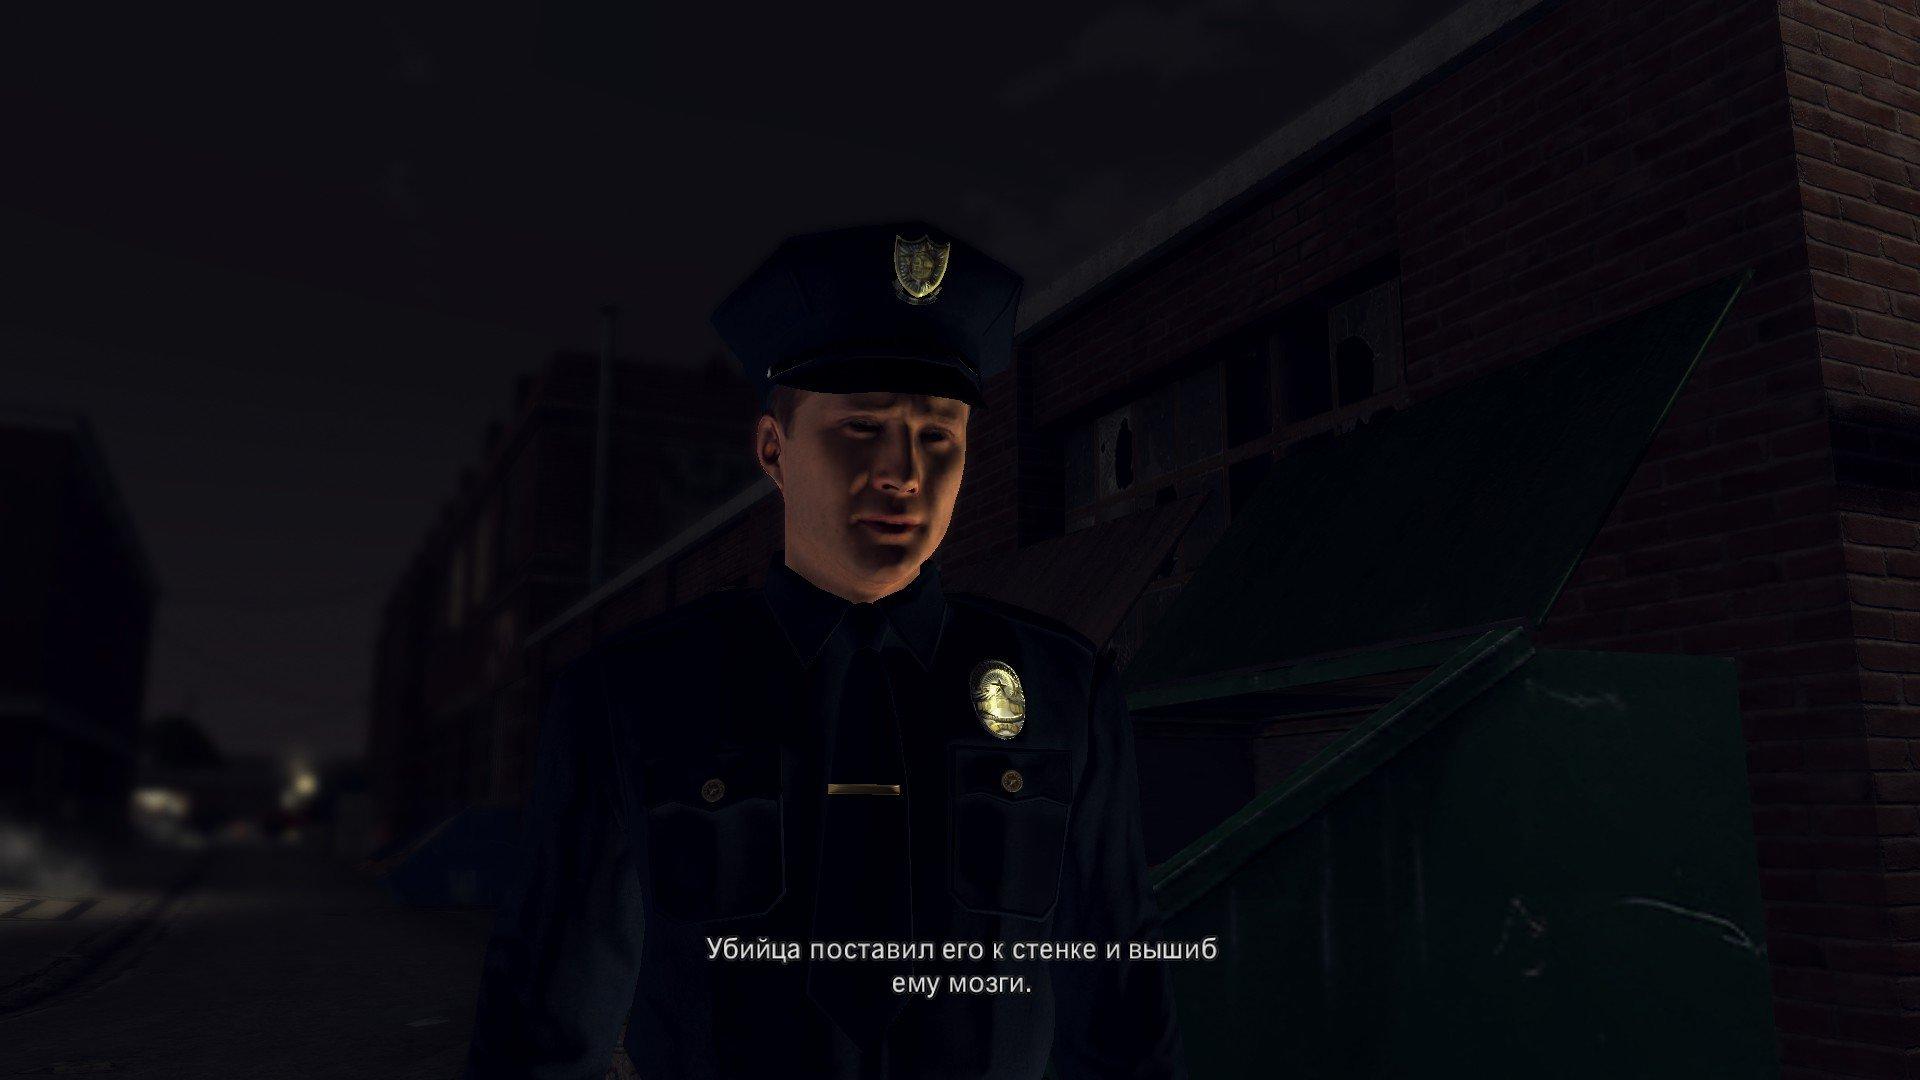 Пост-прохождение L.A. Noire Часть 1 НАЧАЛО!!!. - Изображение 13